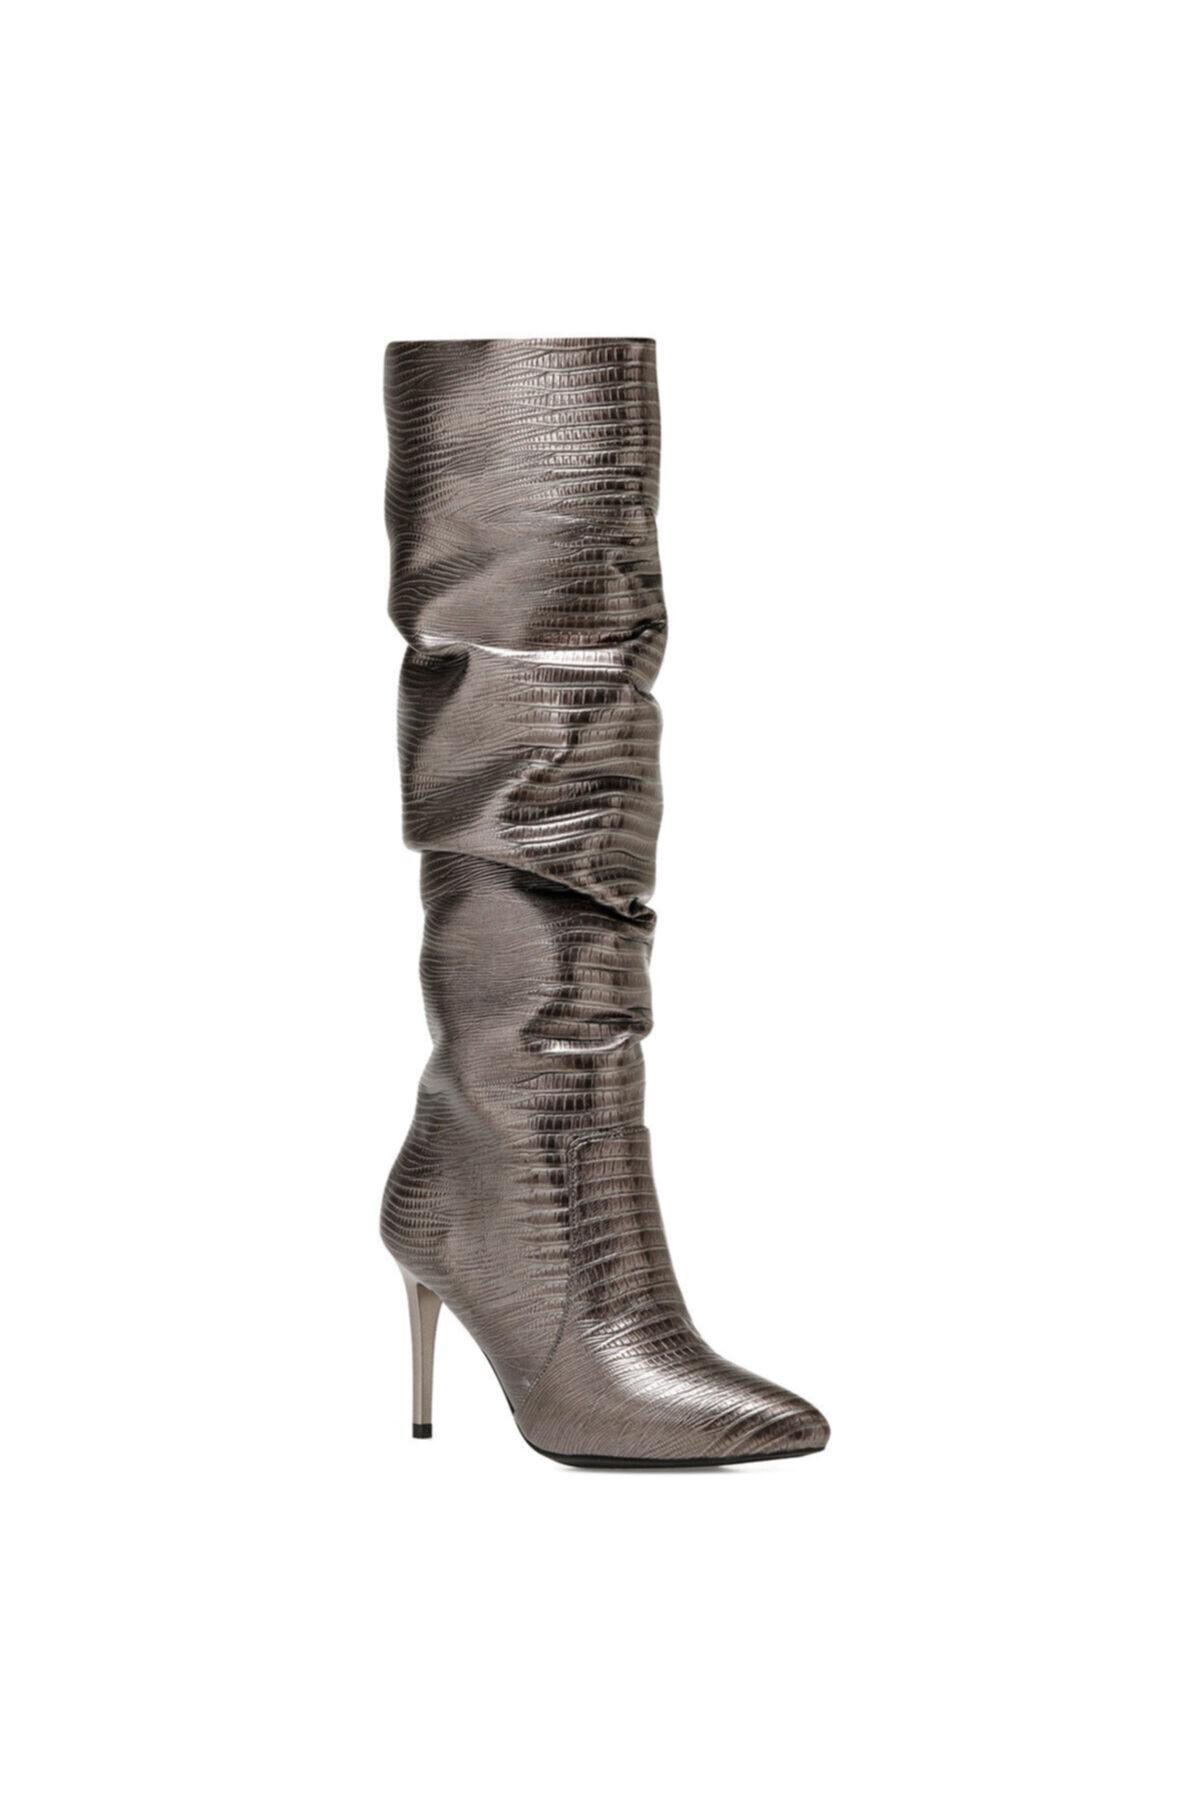 Nine West Sısso2 Antrasit Kadın Ökçeli Çizme 2